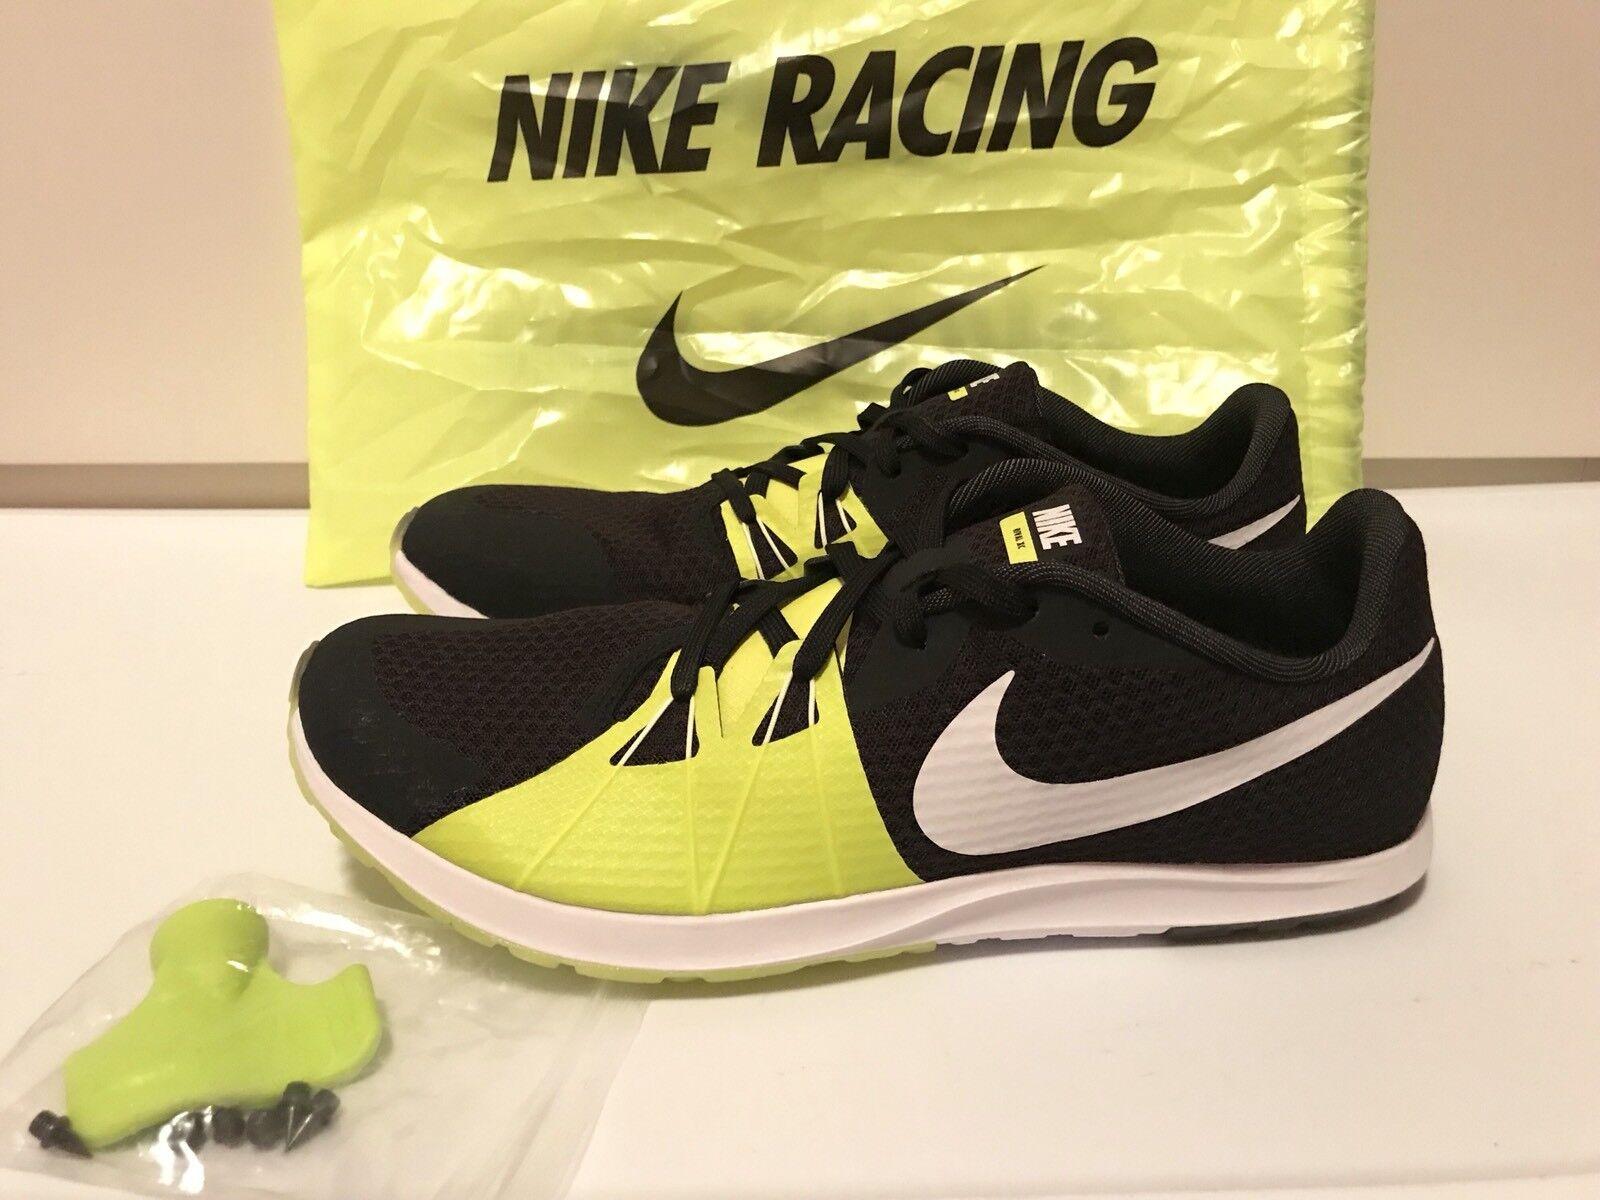 Nike Zoom w rival XC Racing zapato w Zoom / Spike / herramienta.SZ 12 Negro / Volt / blanco 904718-017 afc3a7